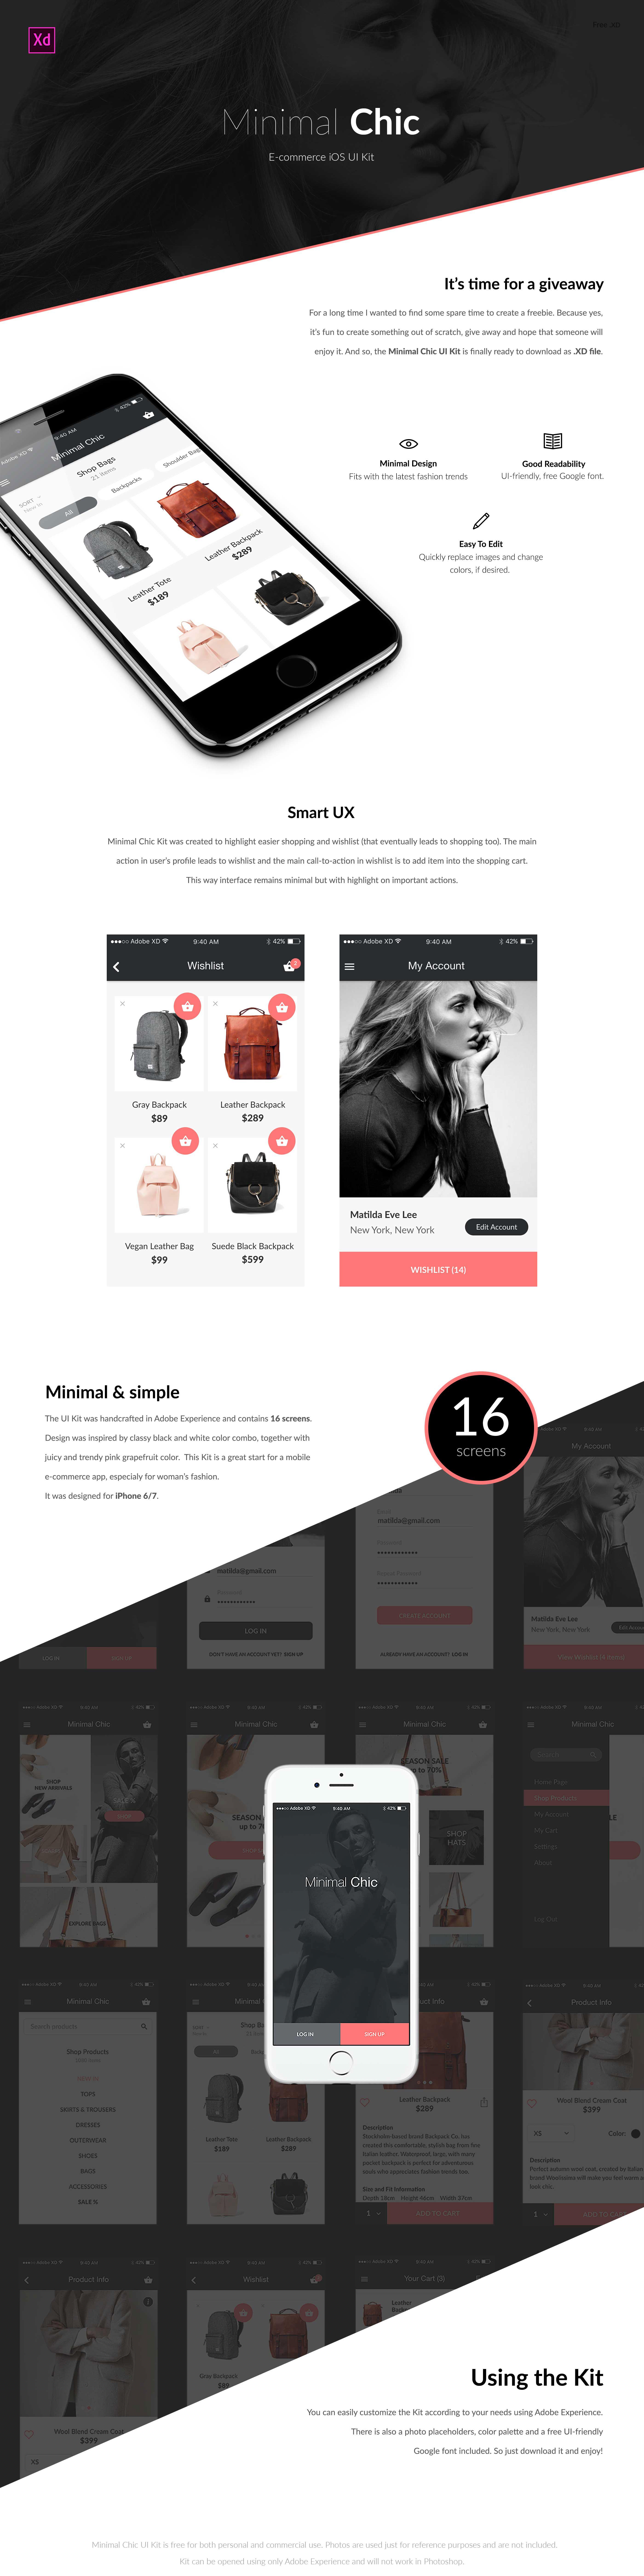 Minimal Chic-免费UI套件-包含16个屏幕-一个良好的基础,可以启动在线商店的概念